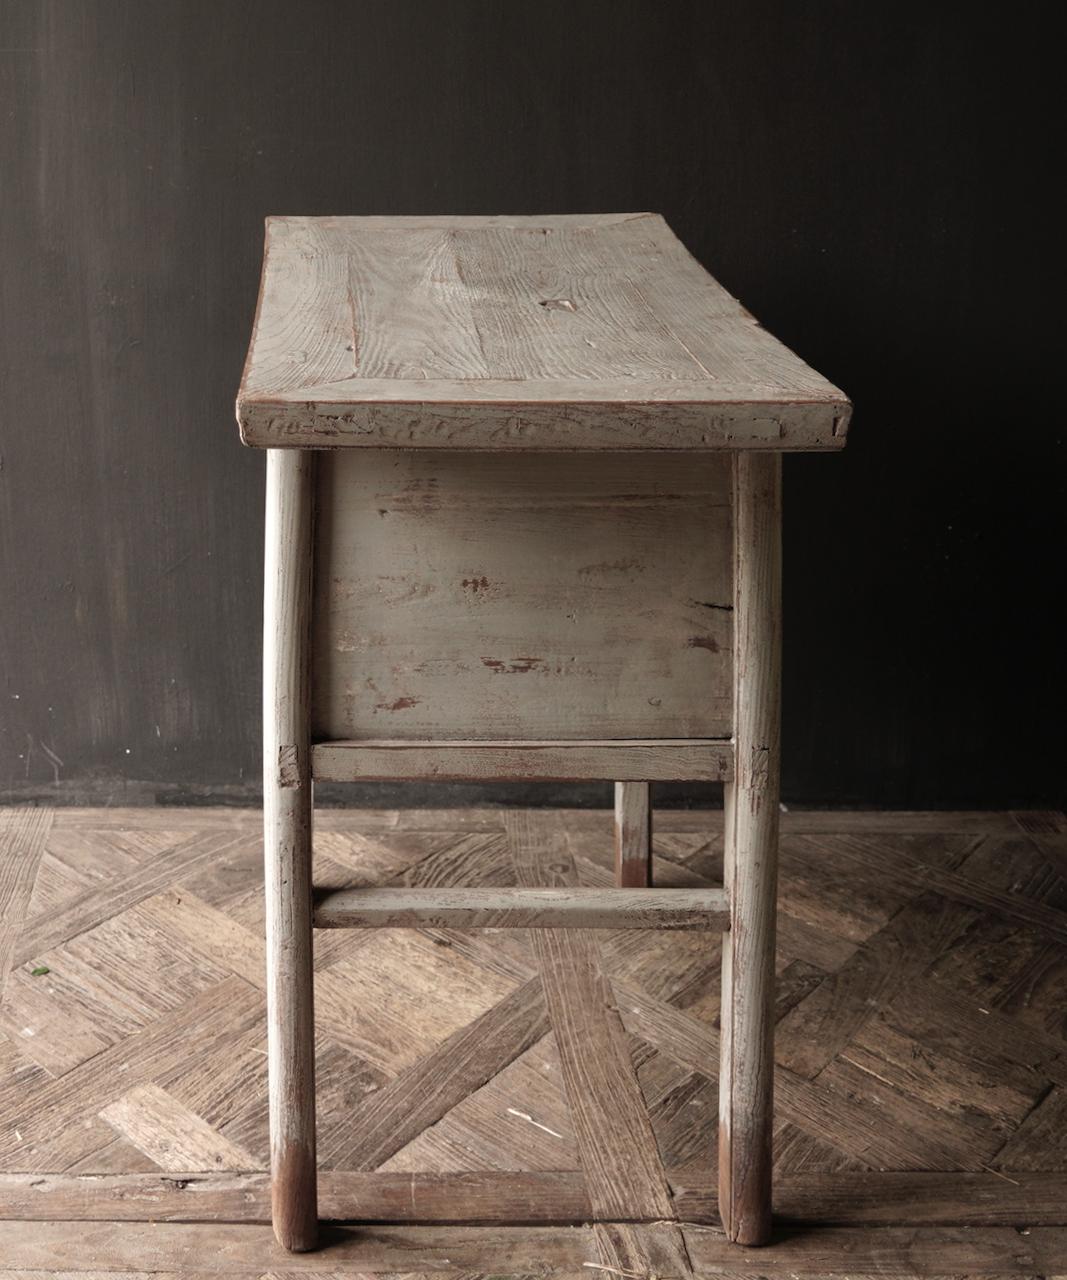 Authentisch Einzigartiger alter Wandtisch / Beistelltisch / Badezimmermöbel mit grau lackierten Schubladen-6